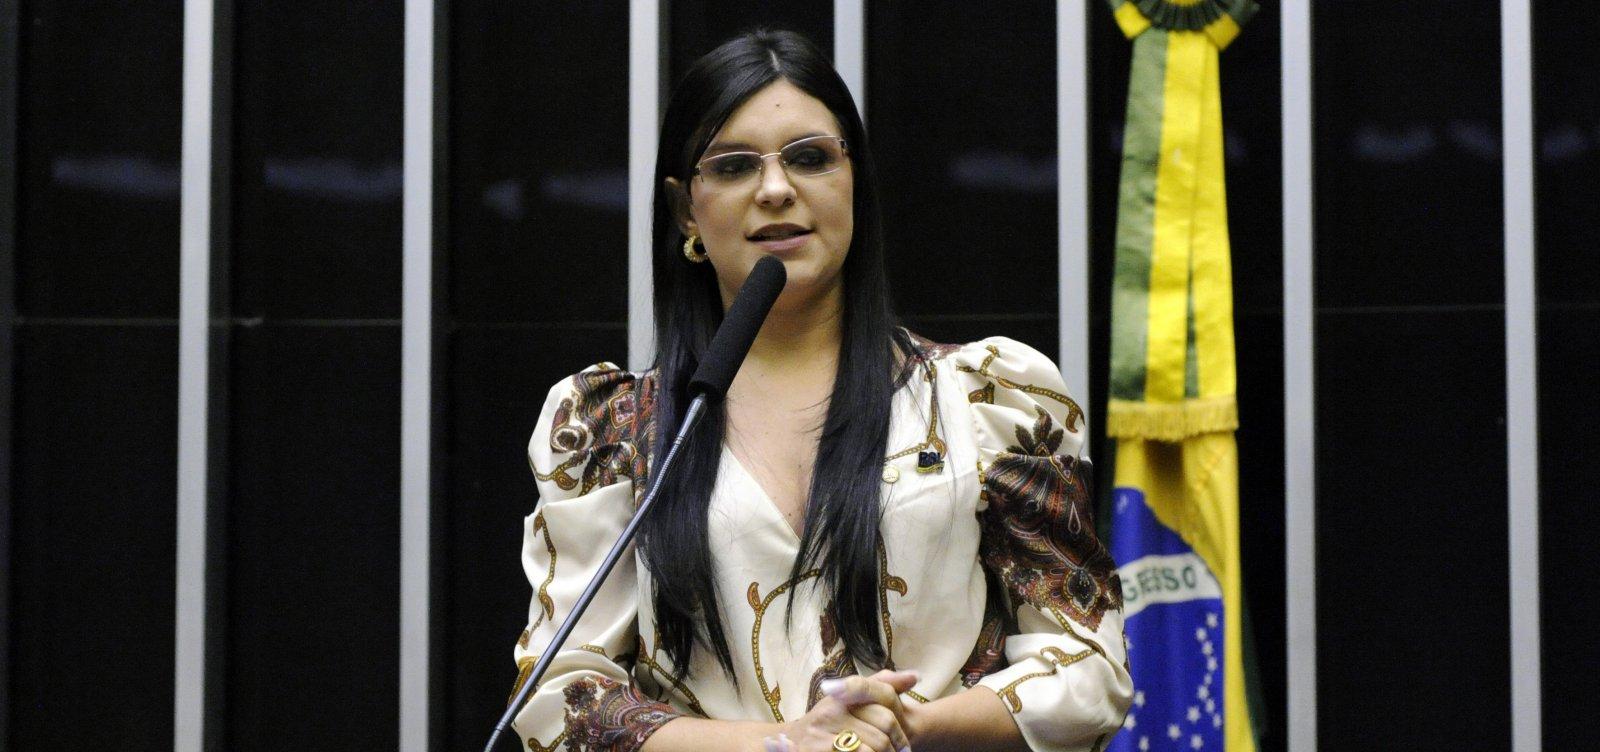 [Dayane acusa Bolsonaro de colocar 'esquerdistas' no governo para se livrar da Justiça]